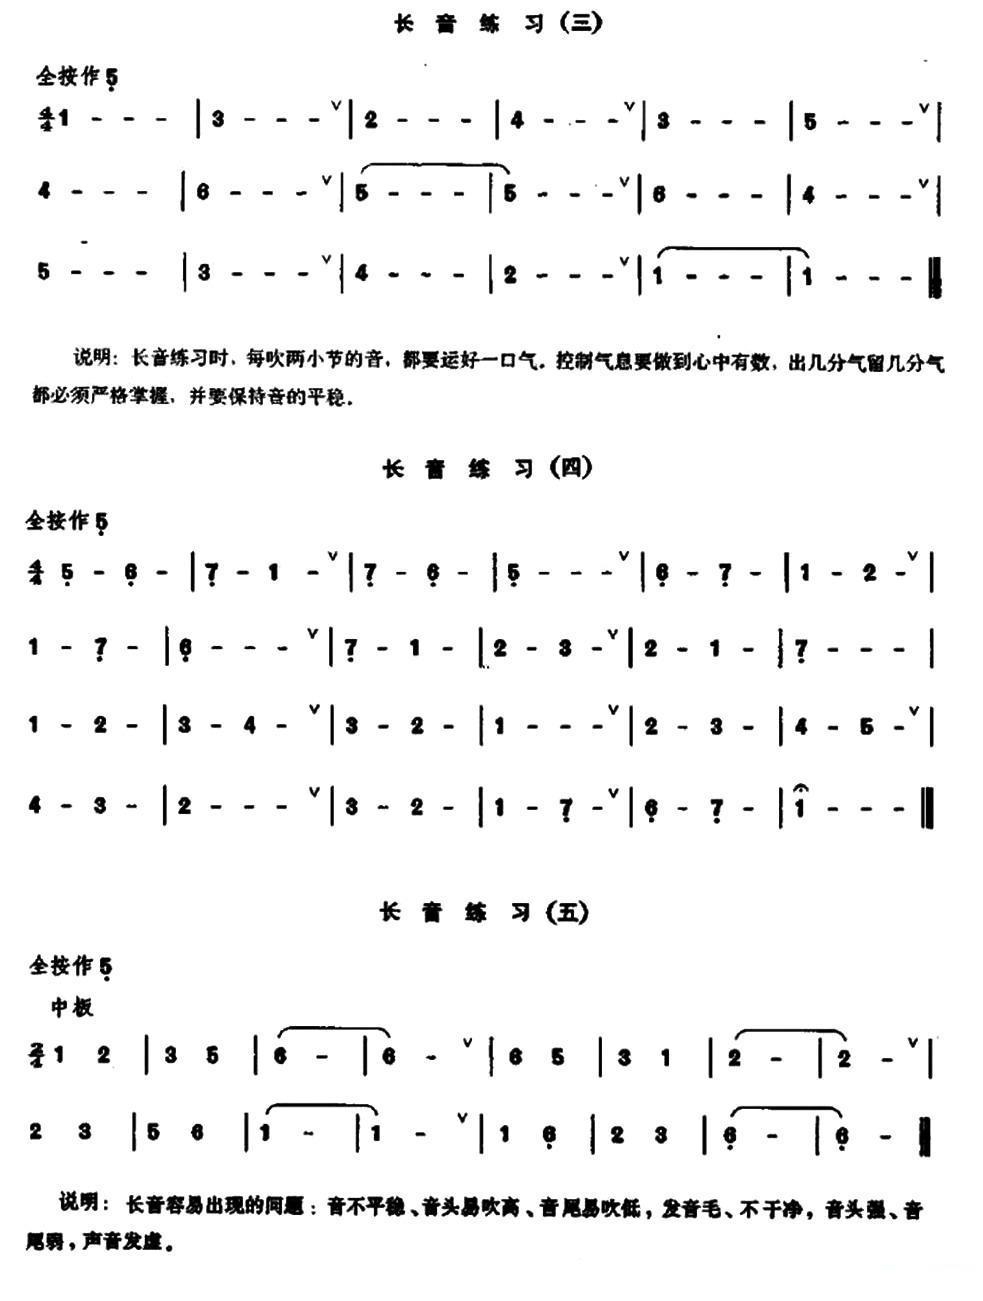 下载:笛子长音练习笛子(箫)曲谱(图2)-笛子长音练习